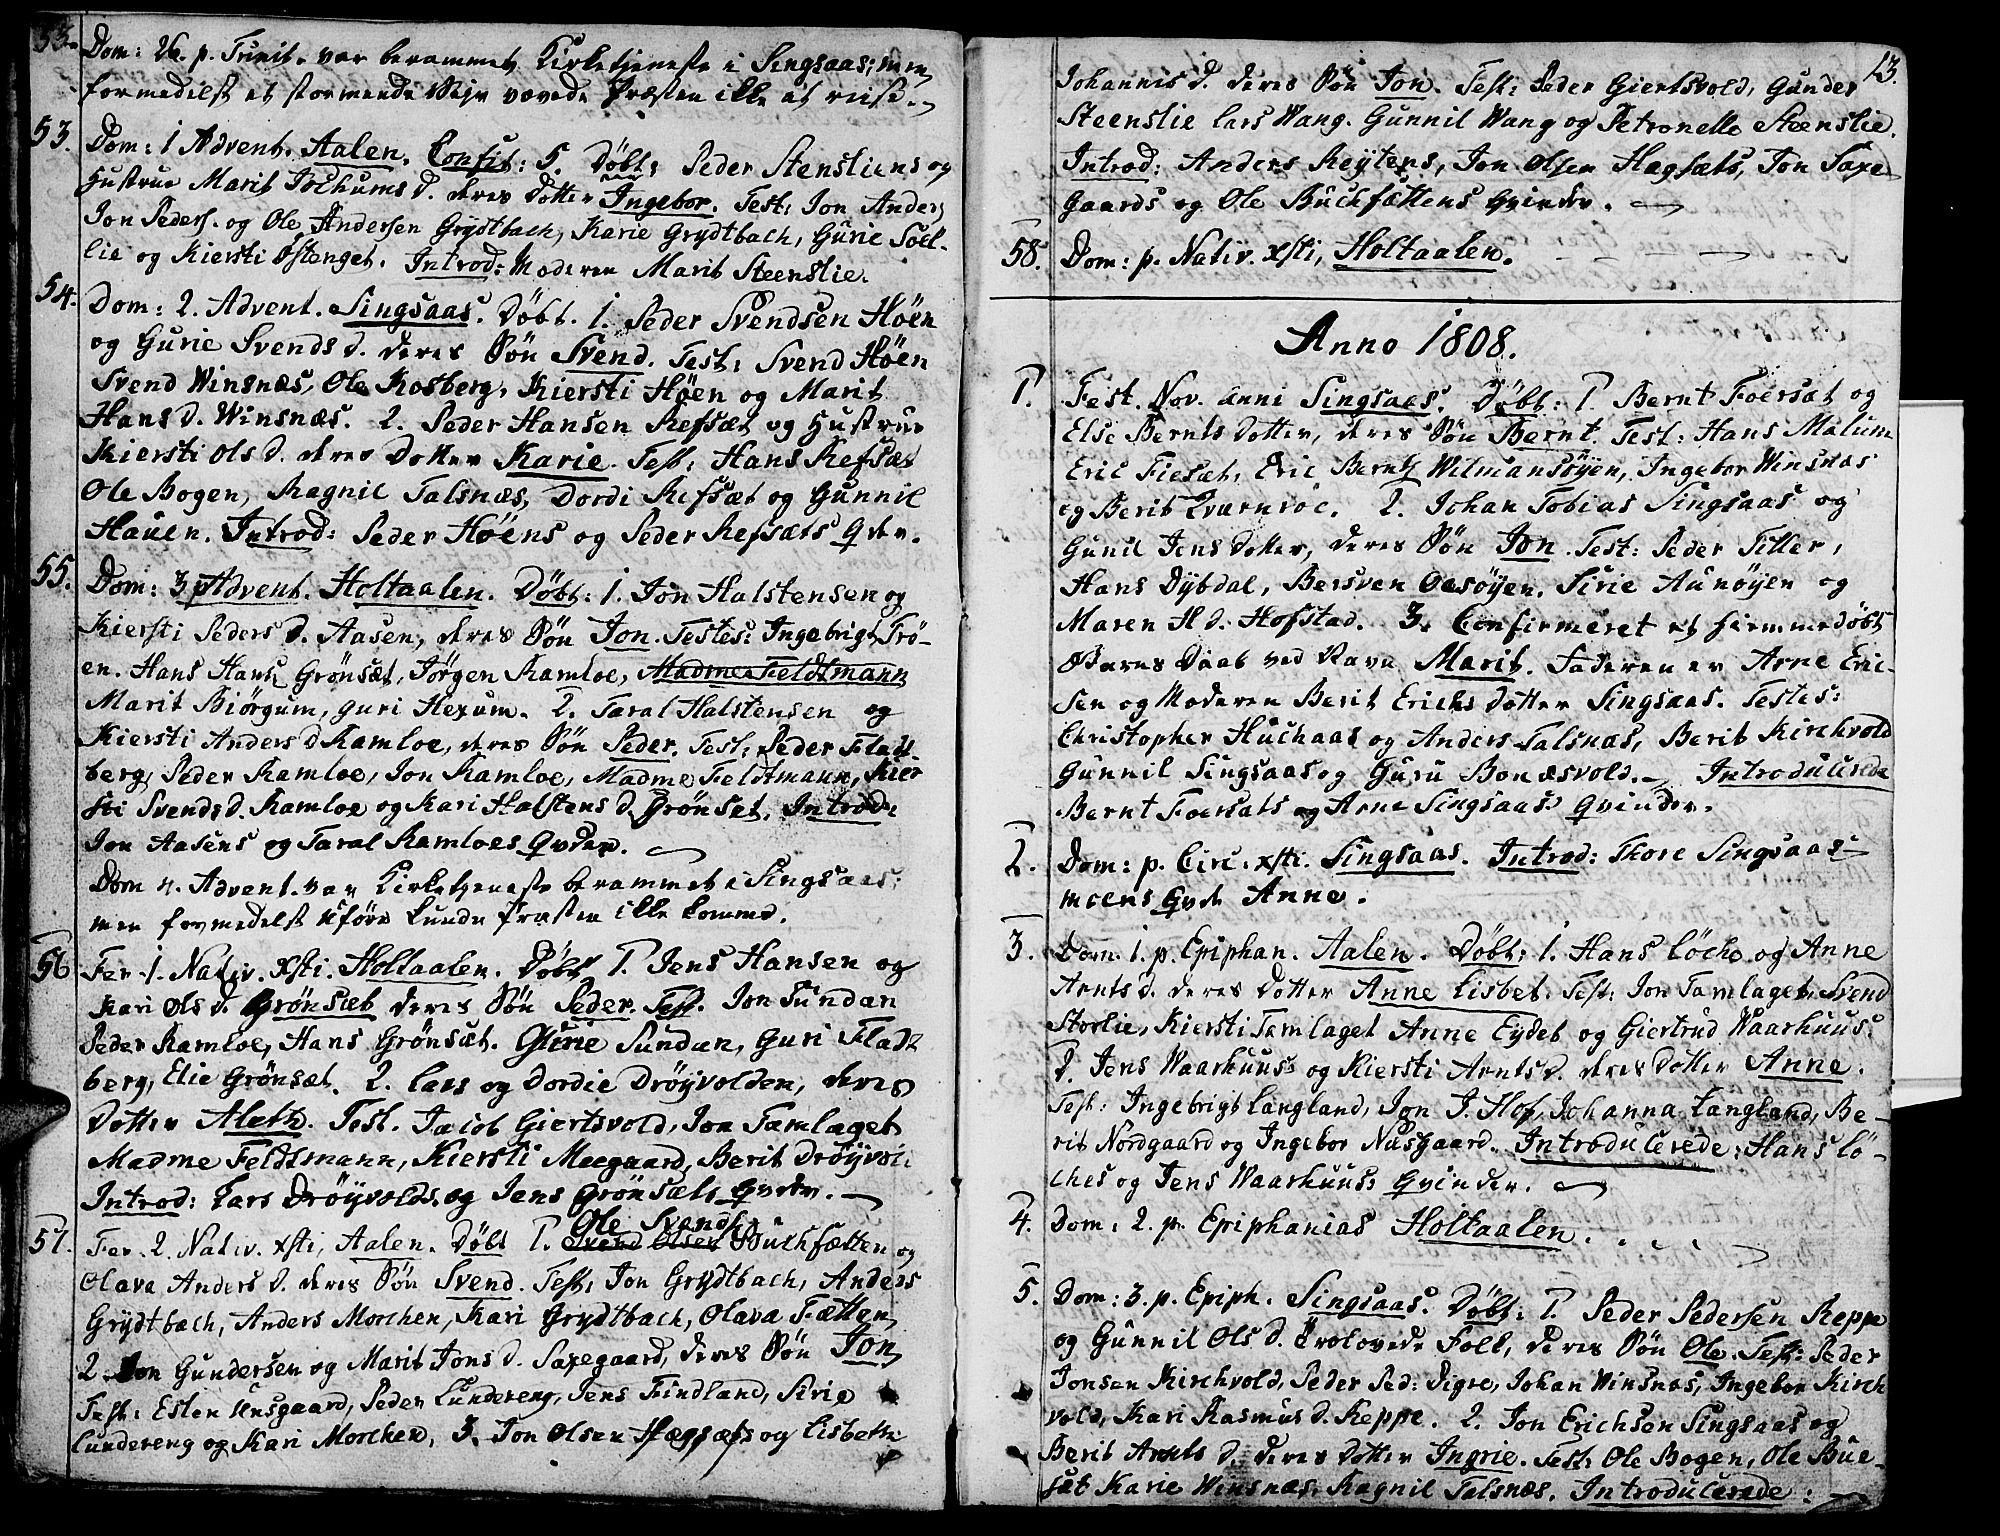 SAT, Ministerialprotokoller, klokkerbøker og fødselsregistre - Sør-Trøndelag, 685/L0953: Ministerialbok nr. 685A02, 1805-1816, s. 13